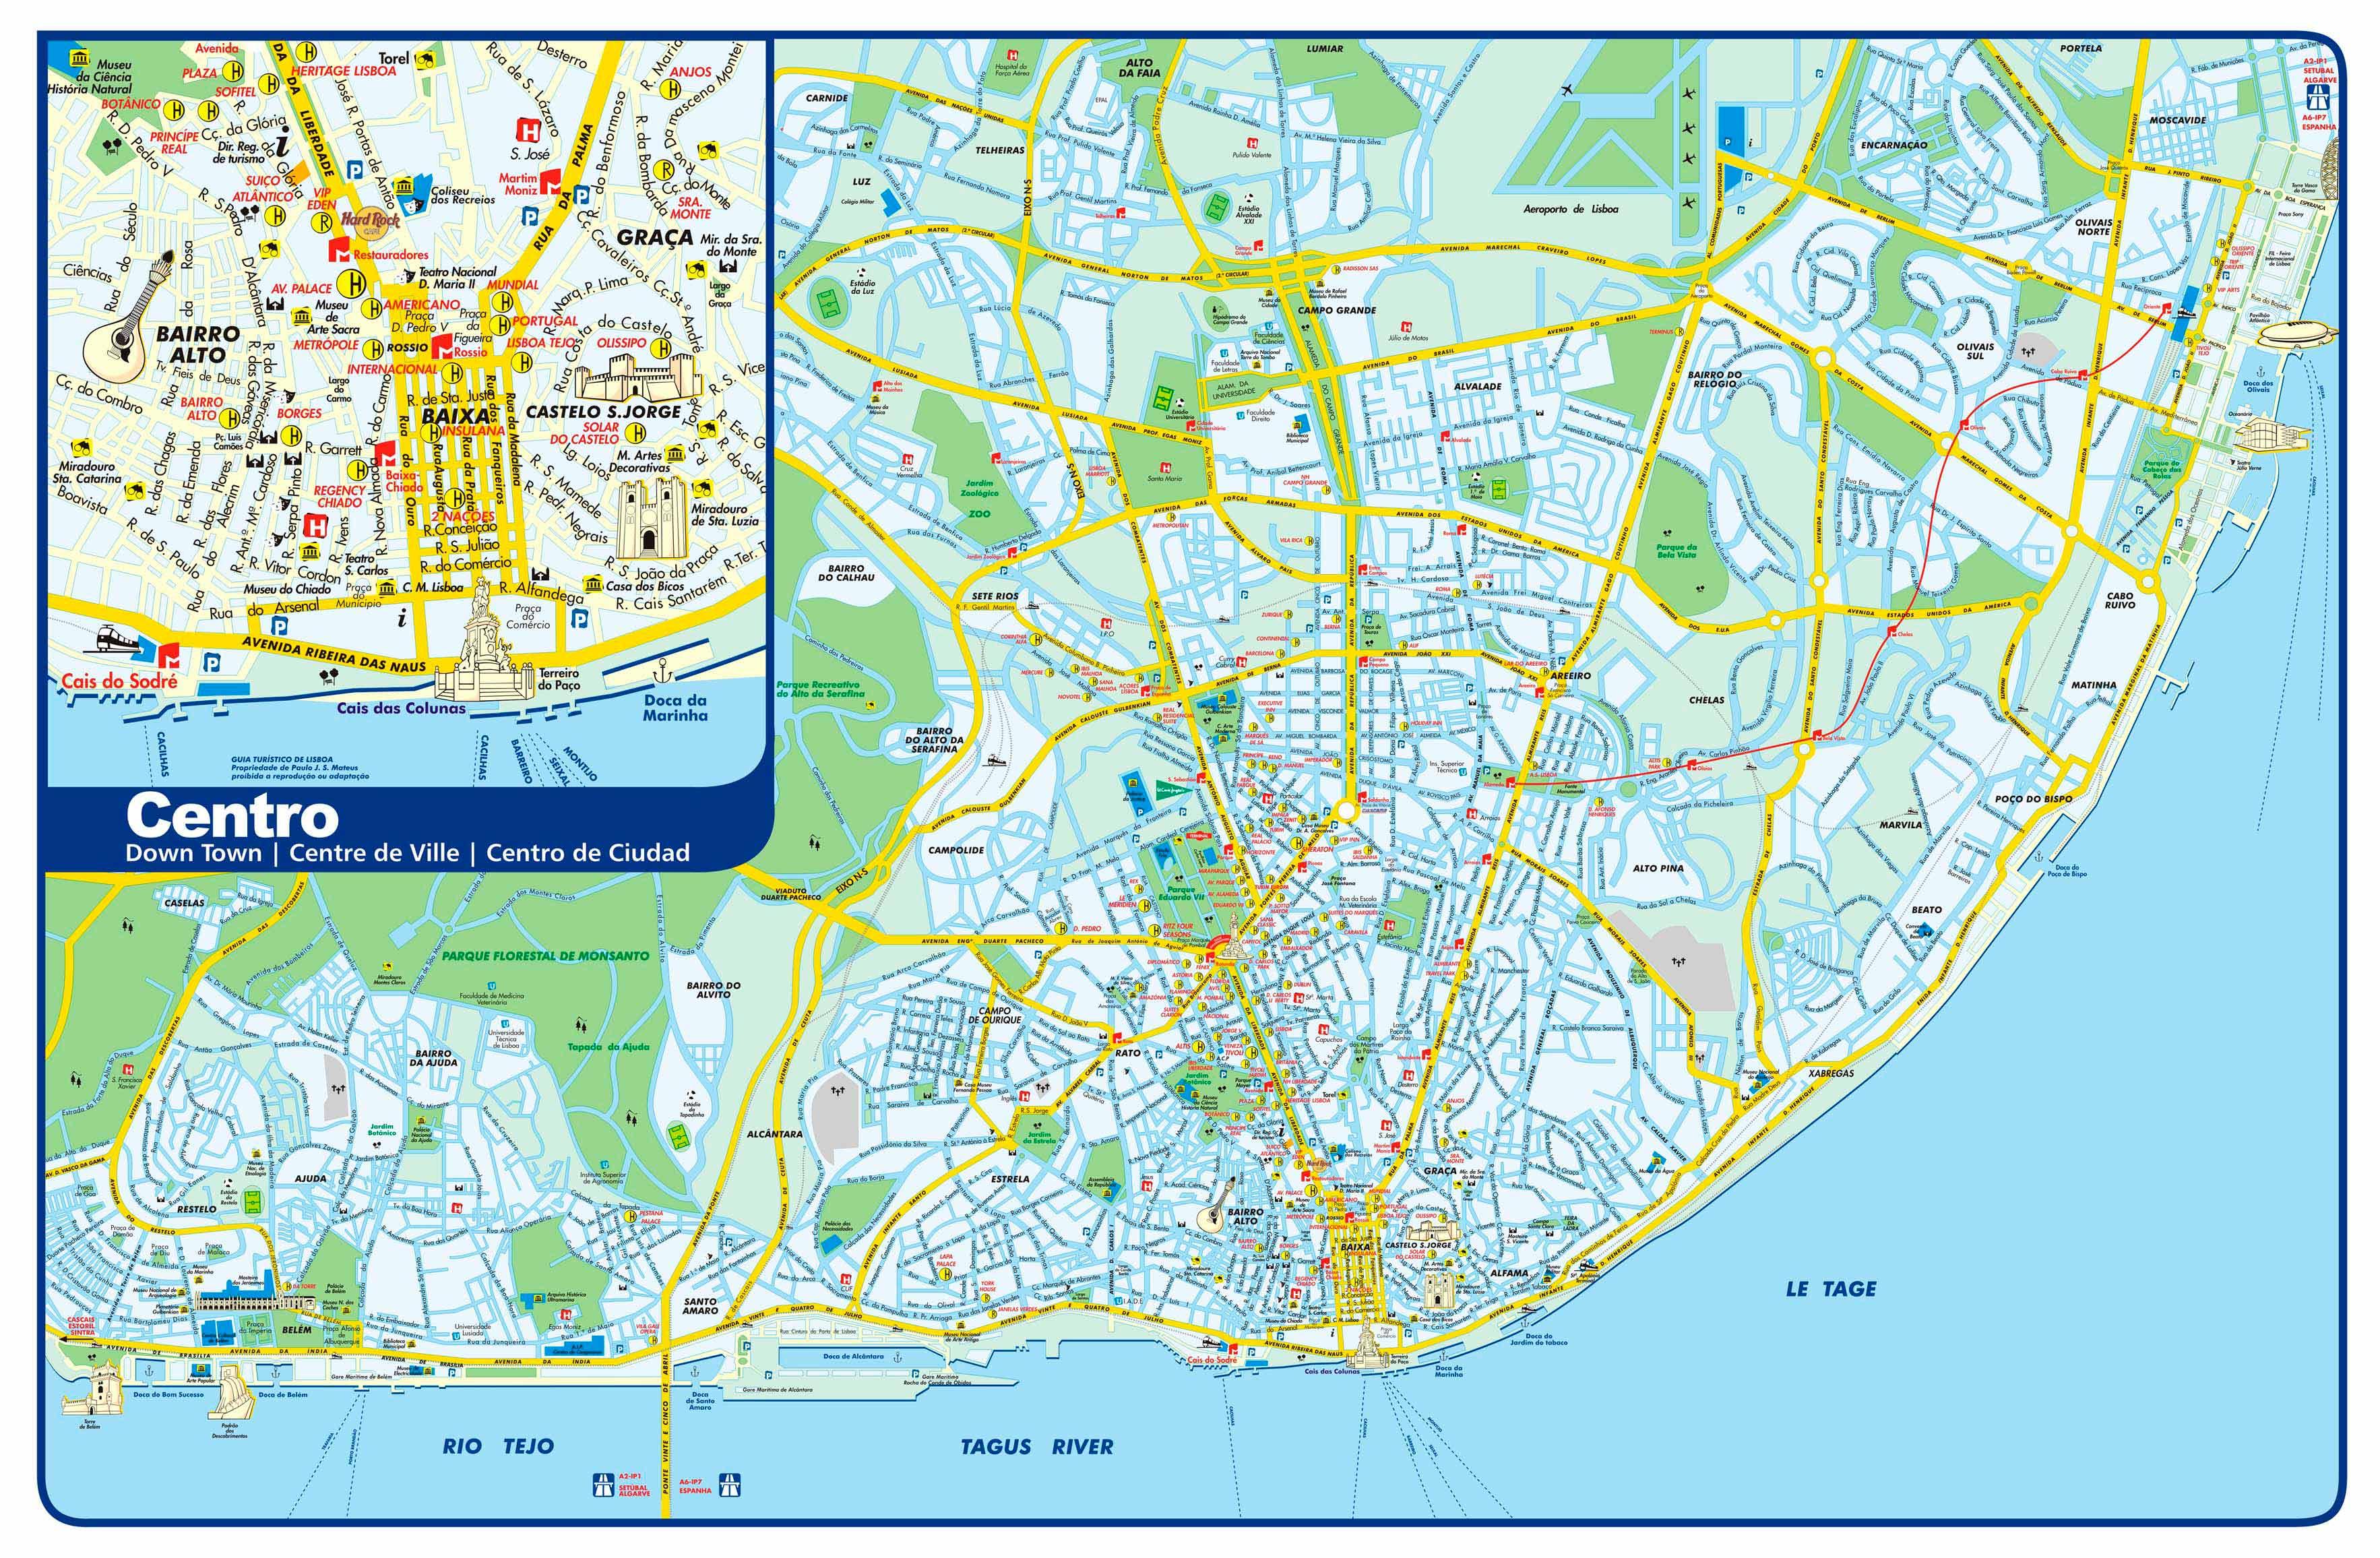 cidade de lisboa mapa Mapa de Monumentos em Lisboa | Roteiros e Dicas de Viagem cidade de lisboa mapa